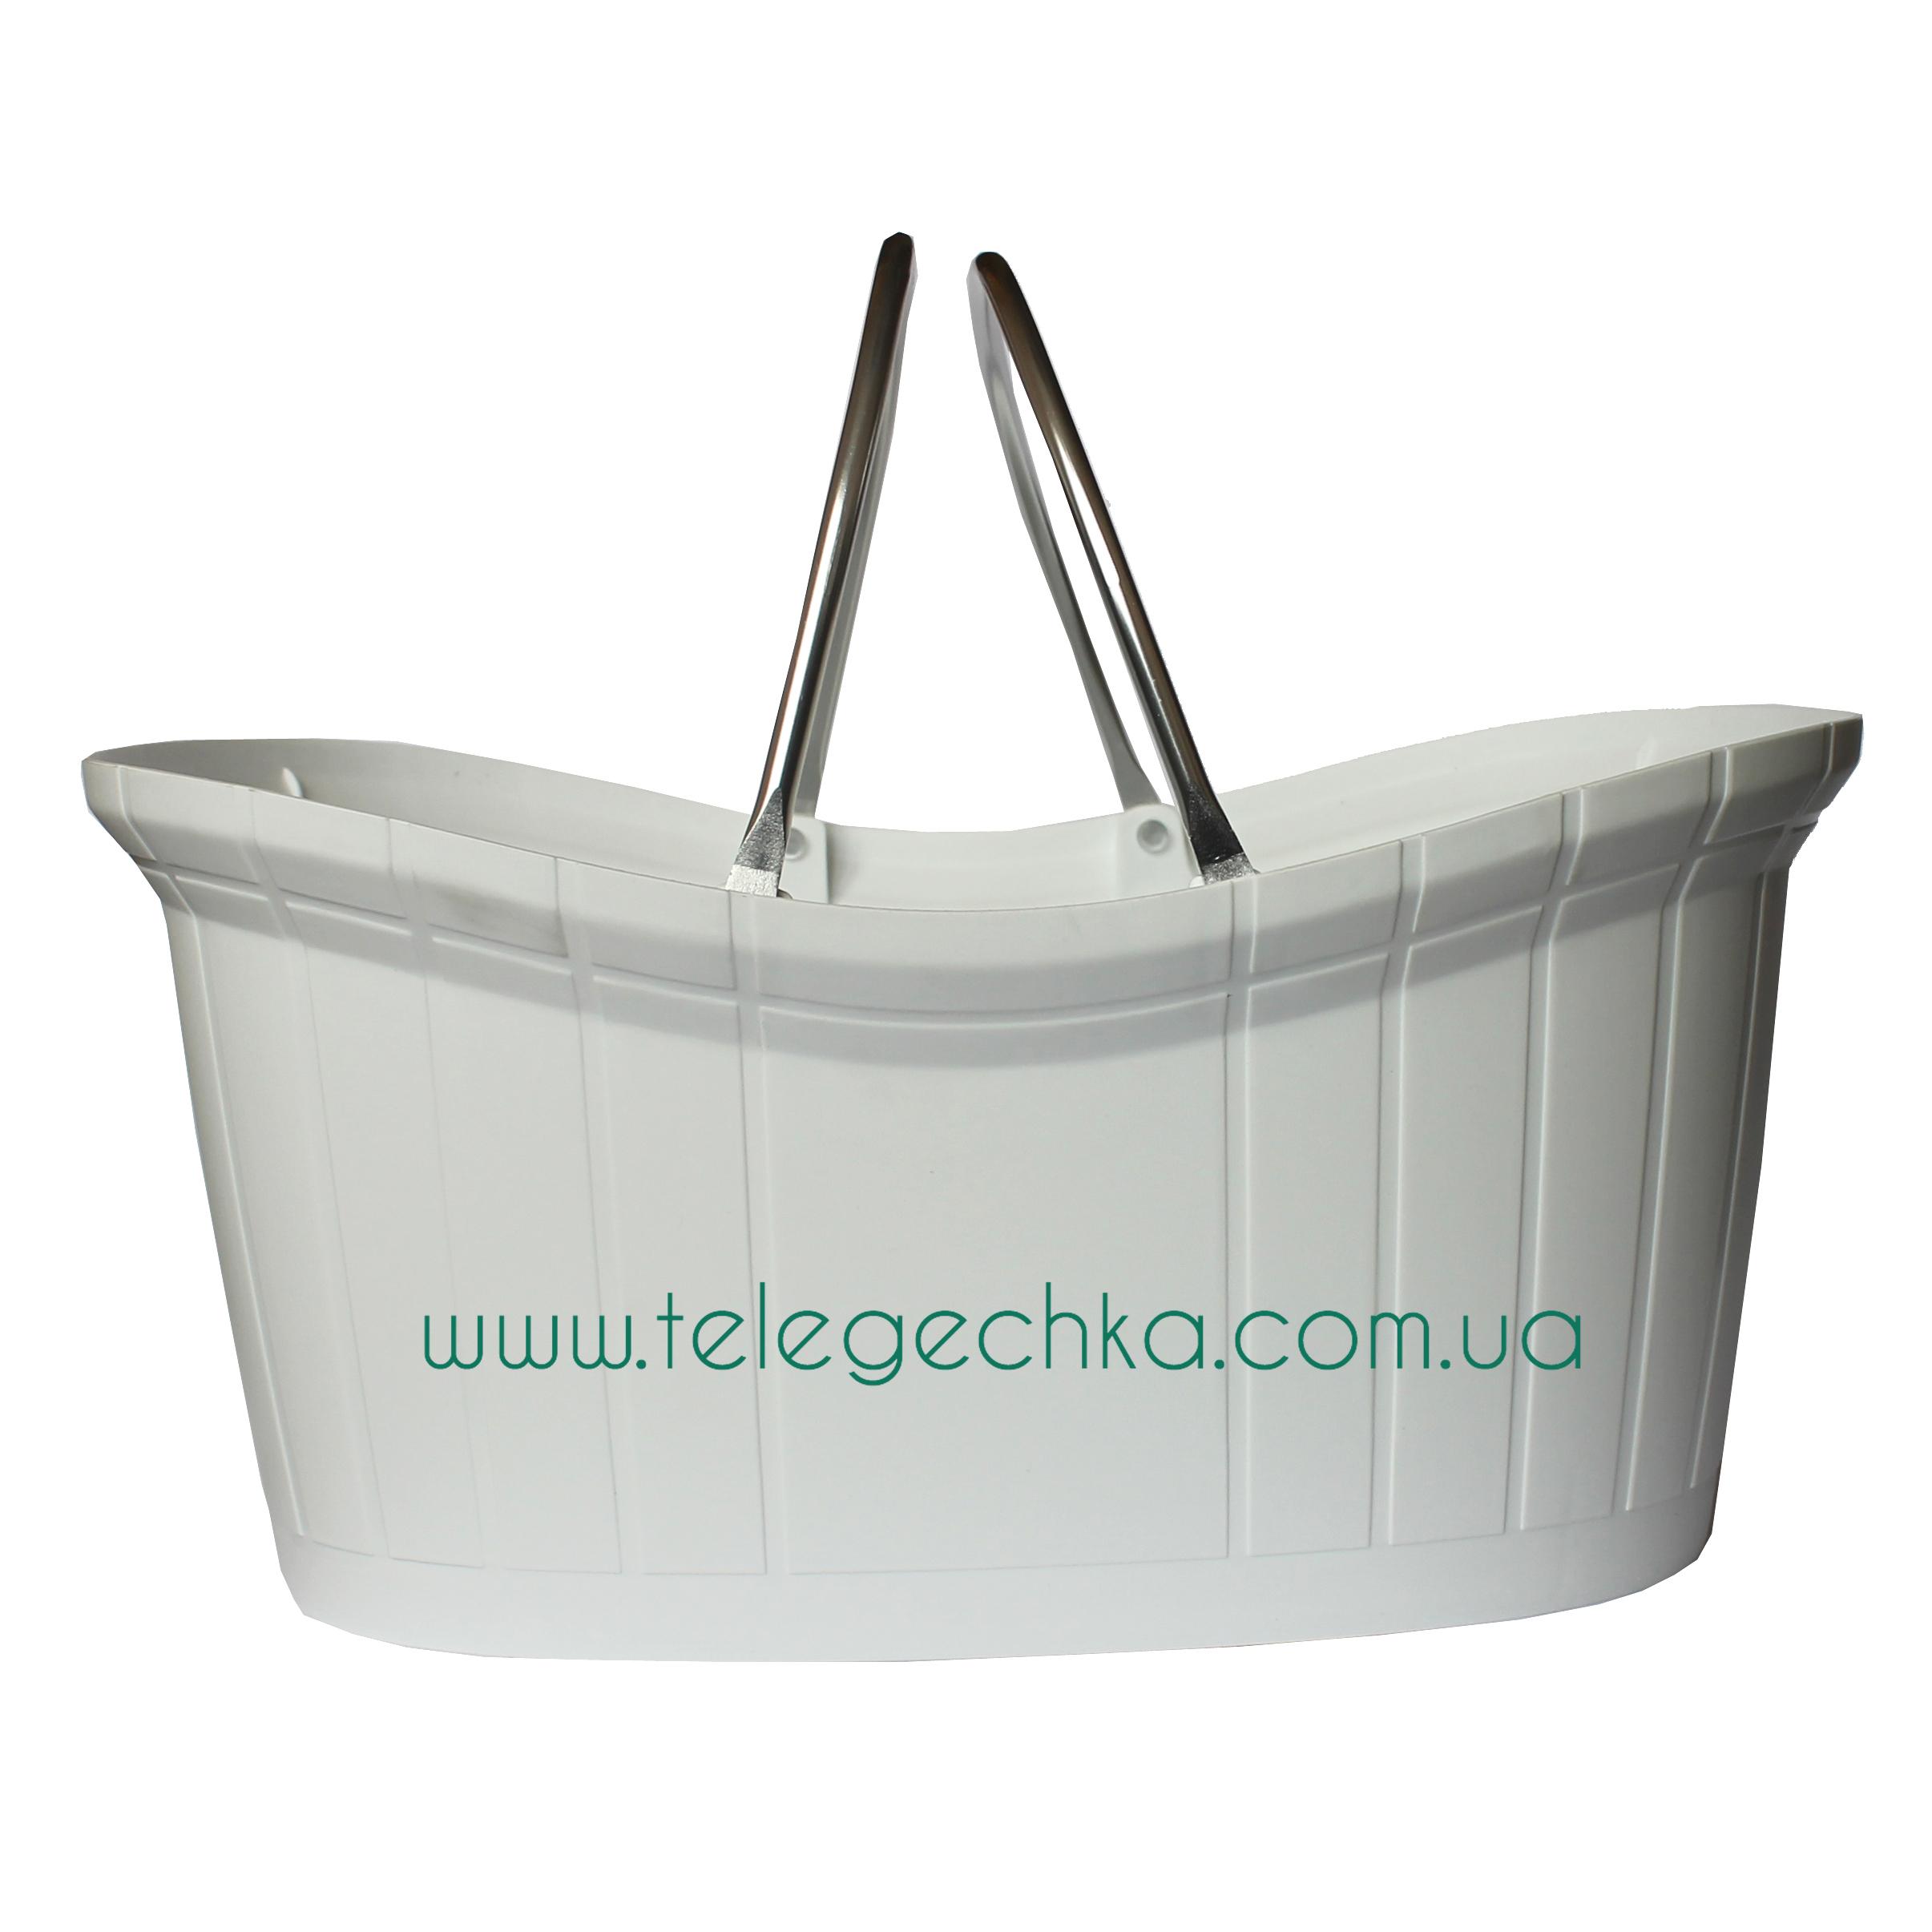 Элегантная пластиковая корзина с ручками PLAST 12 PERFUMERY